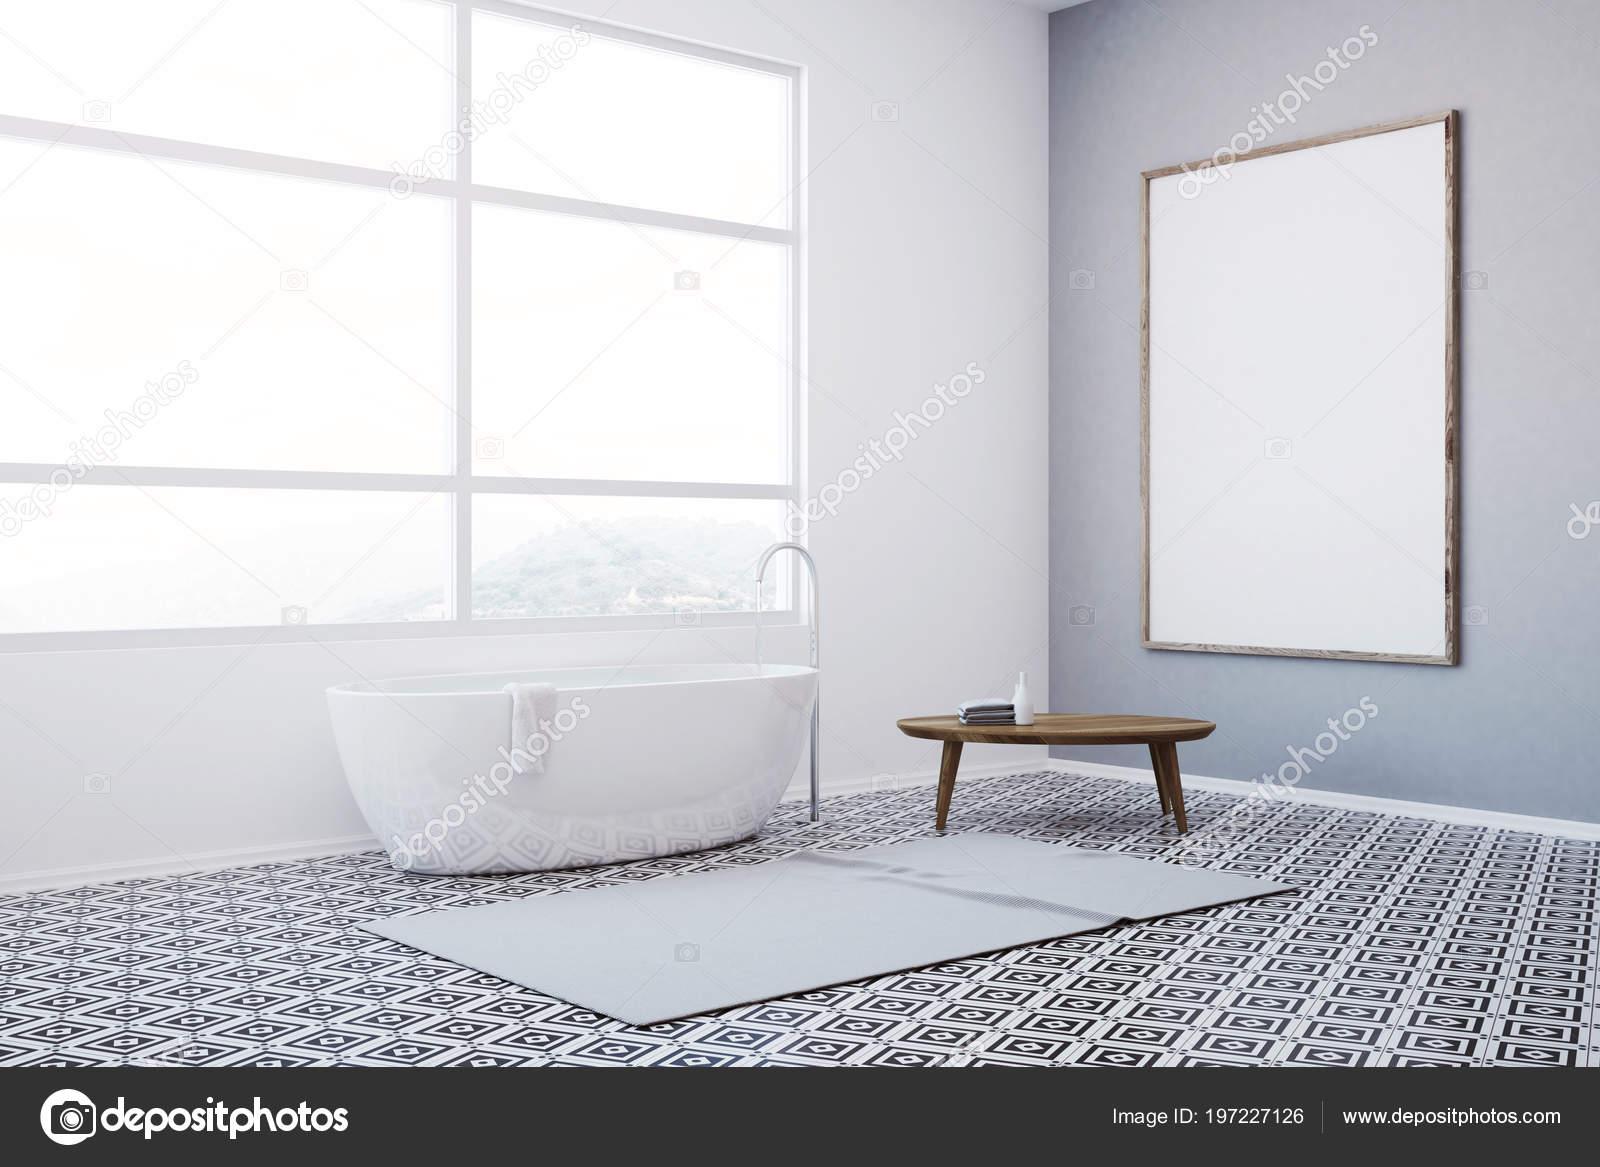 Angolo bagno stile asiatico con motivo geometrico piastrelle